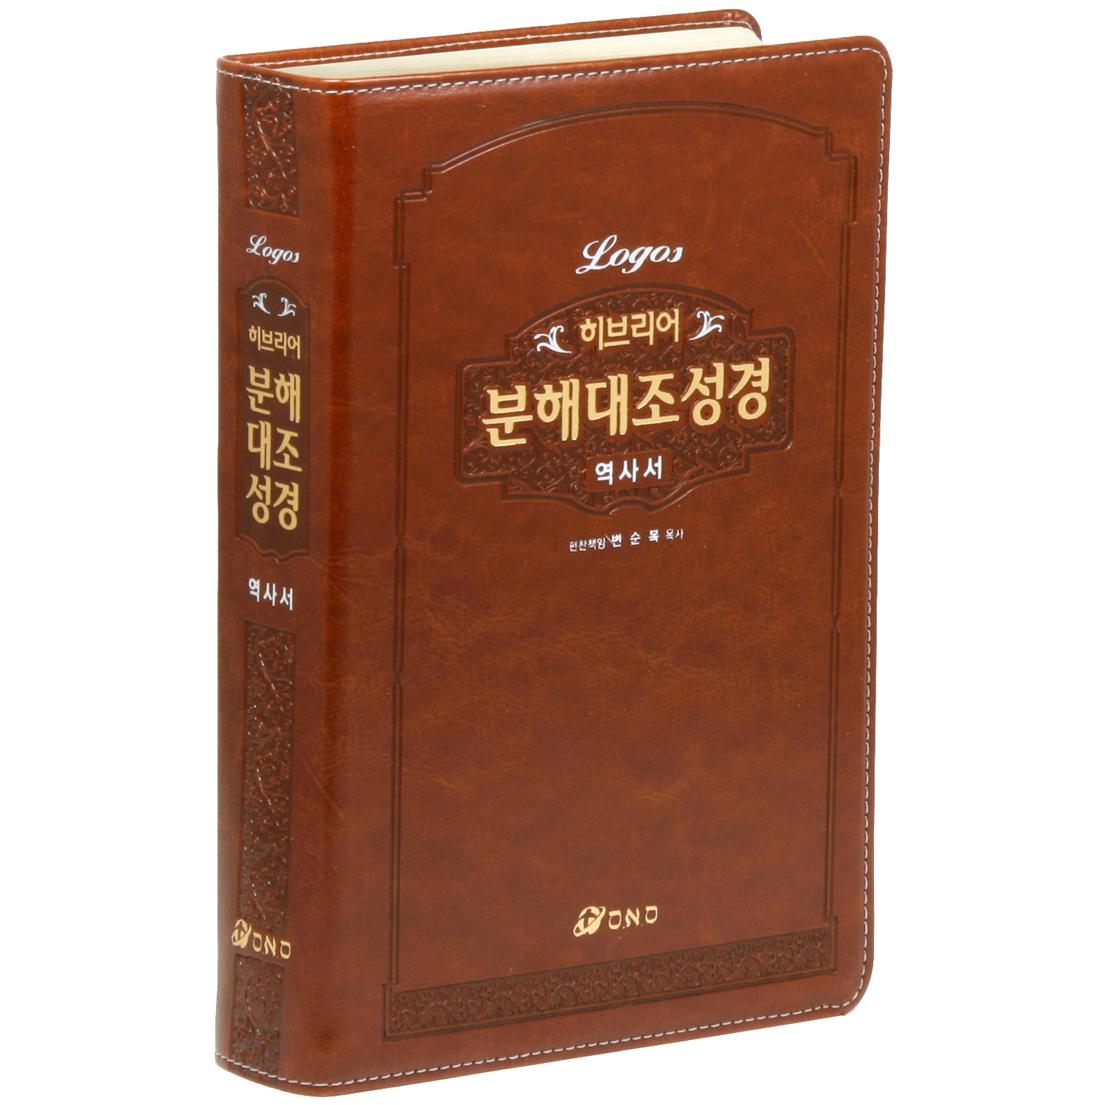 히브리어 분해대조성경 (역사서), 오앤오